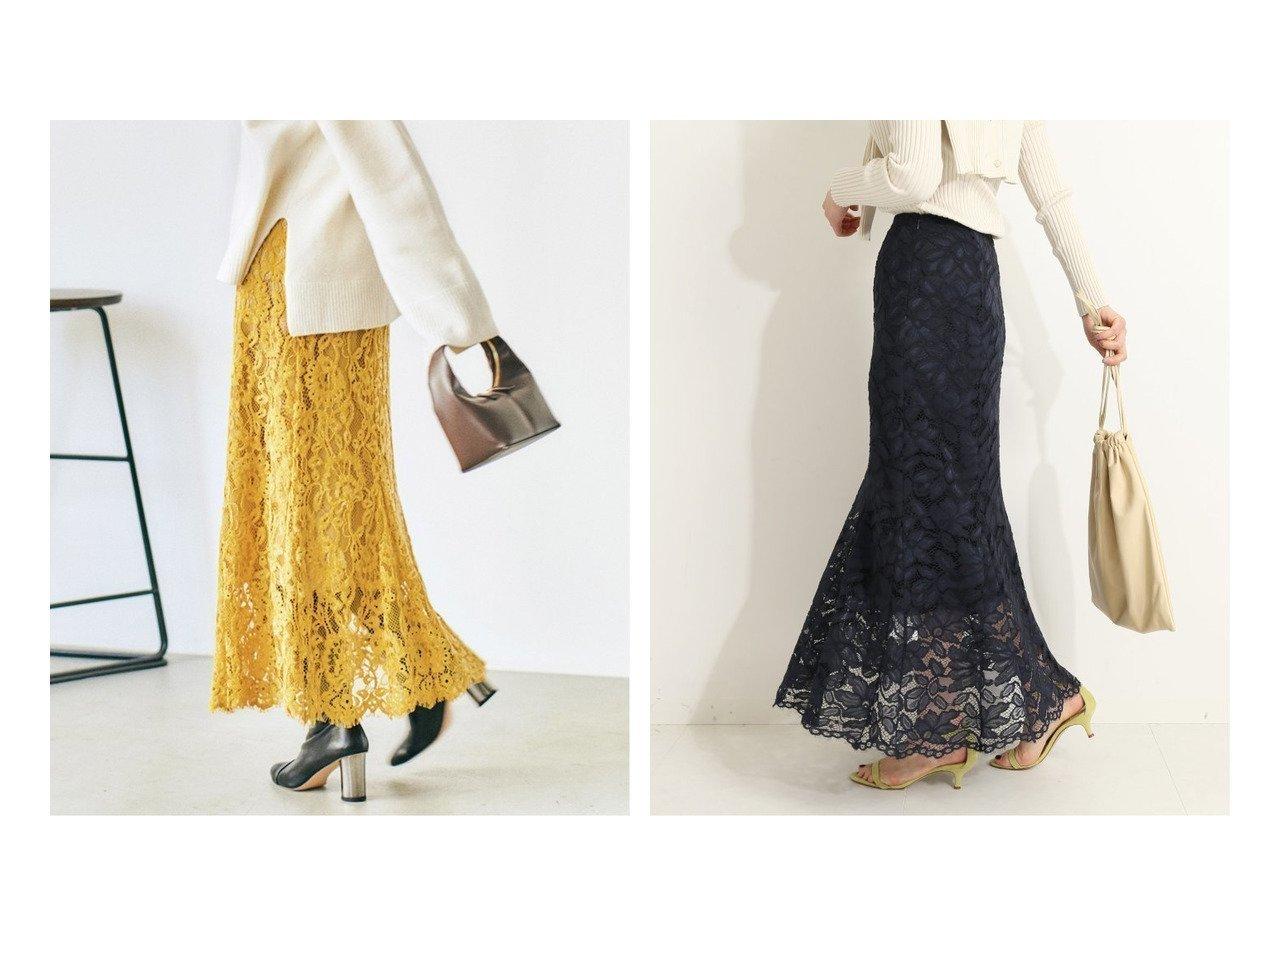 【VERMEIL par iena/ヴェルメイユ パー イエナ】の《追加2》モールレース マーメイドスカート&ラッセルレースマーメードスカート スカートのおすすめ!人気、トレンド・レディースファッションの通販 おすすめで人気の流行・トレンド、ファッションの通販商品 メンズファッション・キッズファッション・インテリア・家具・レディースファッション・服の通販 founy(ファニー) https://founy.com/ ファッション Fashion レディースファッション WOMEN スカート Skirt NEW・新作・新着・新入荷 New Arrivals 2021年 2021 2021 春夏 S/S SS Spring/Summer 2021 S/S 春夏 SS Spring/Summer イエロー サンダル ショート シンプル マーメイド レース ロング 人気 再入荷 Restock/Back in Stock/Re Arrival  ID:crp329100000023290